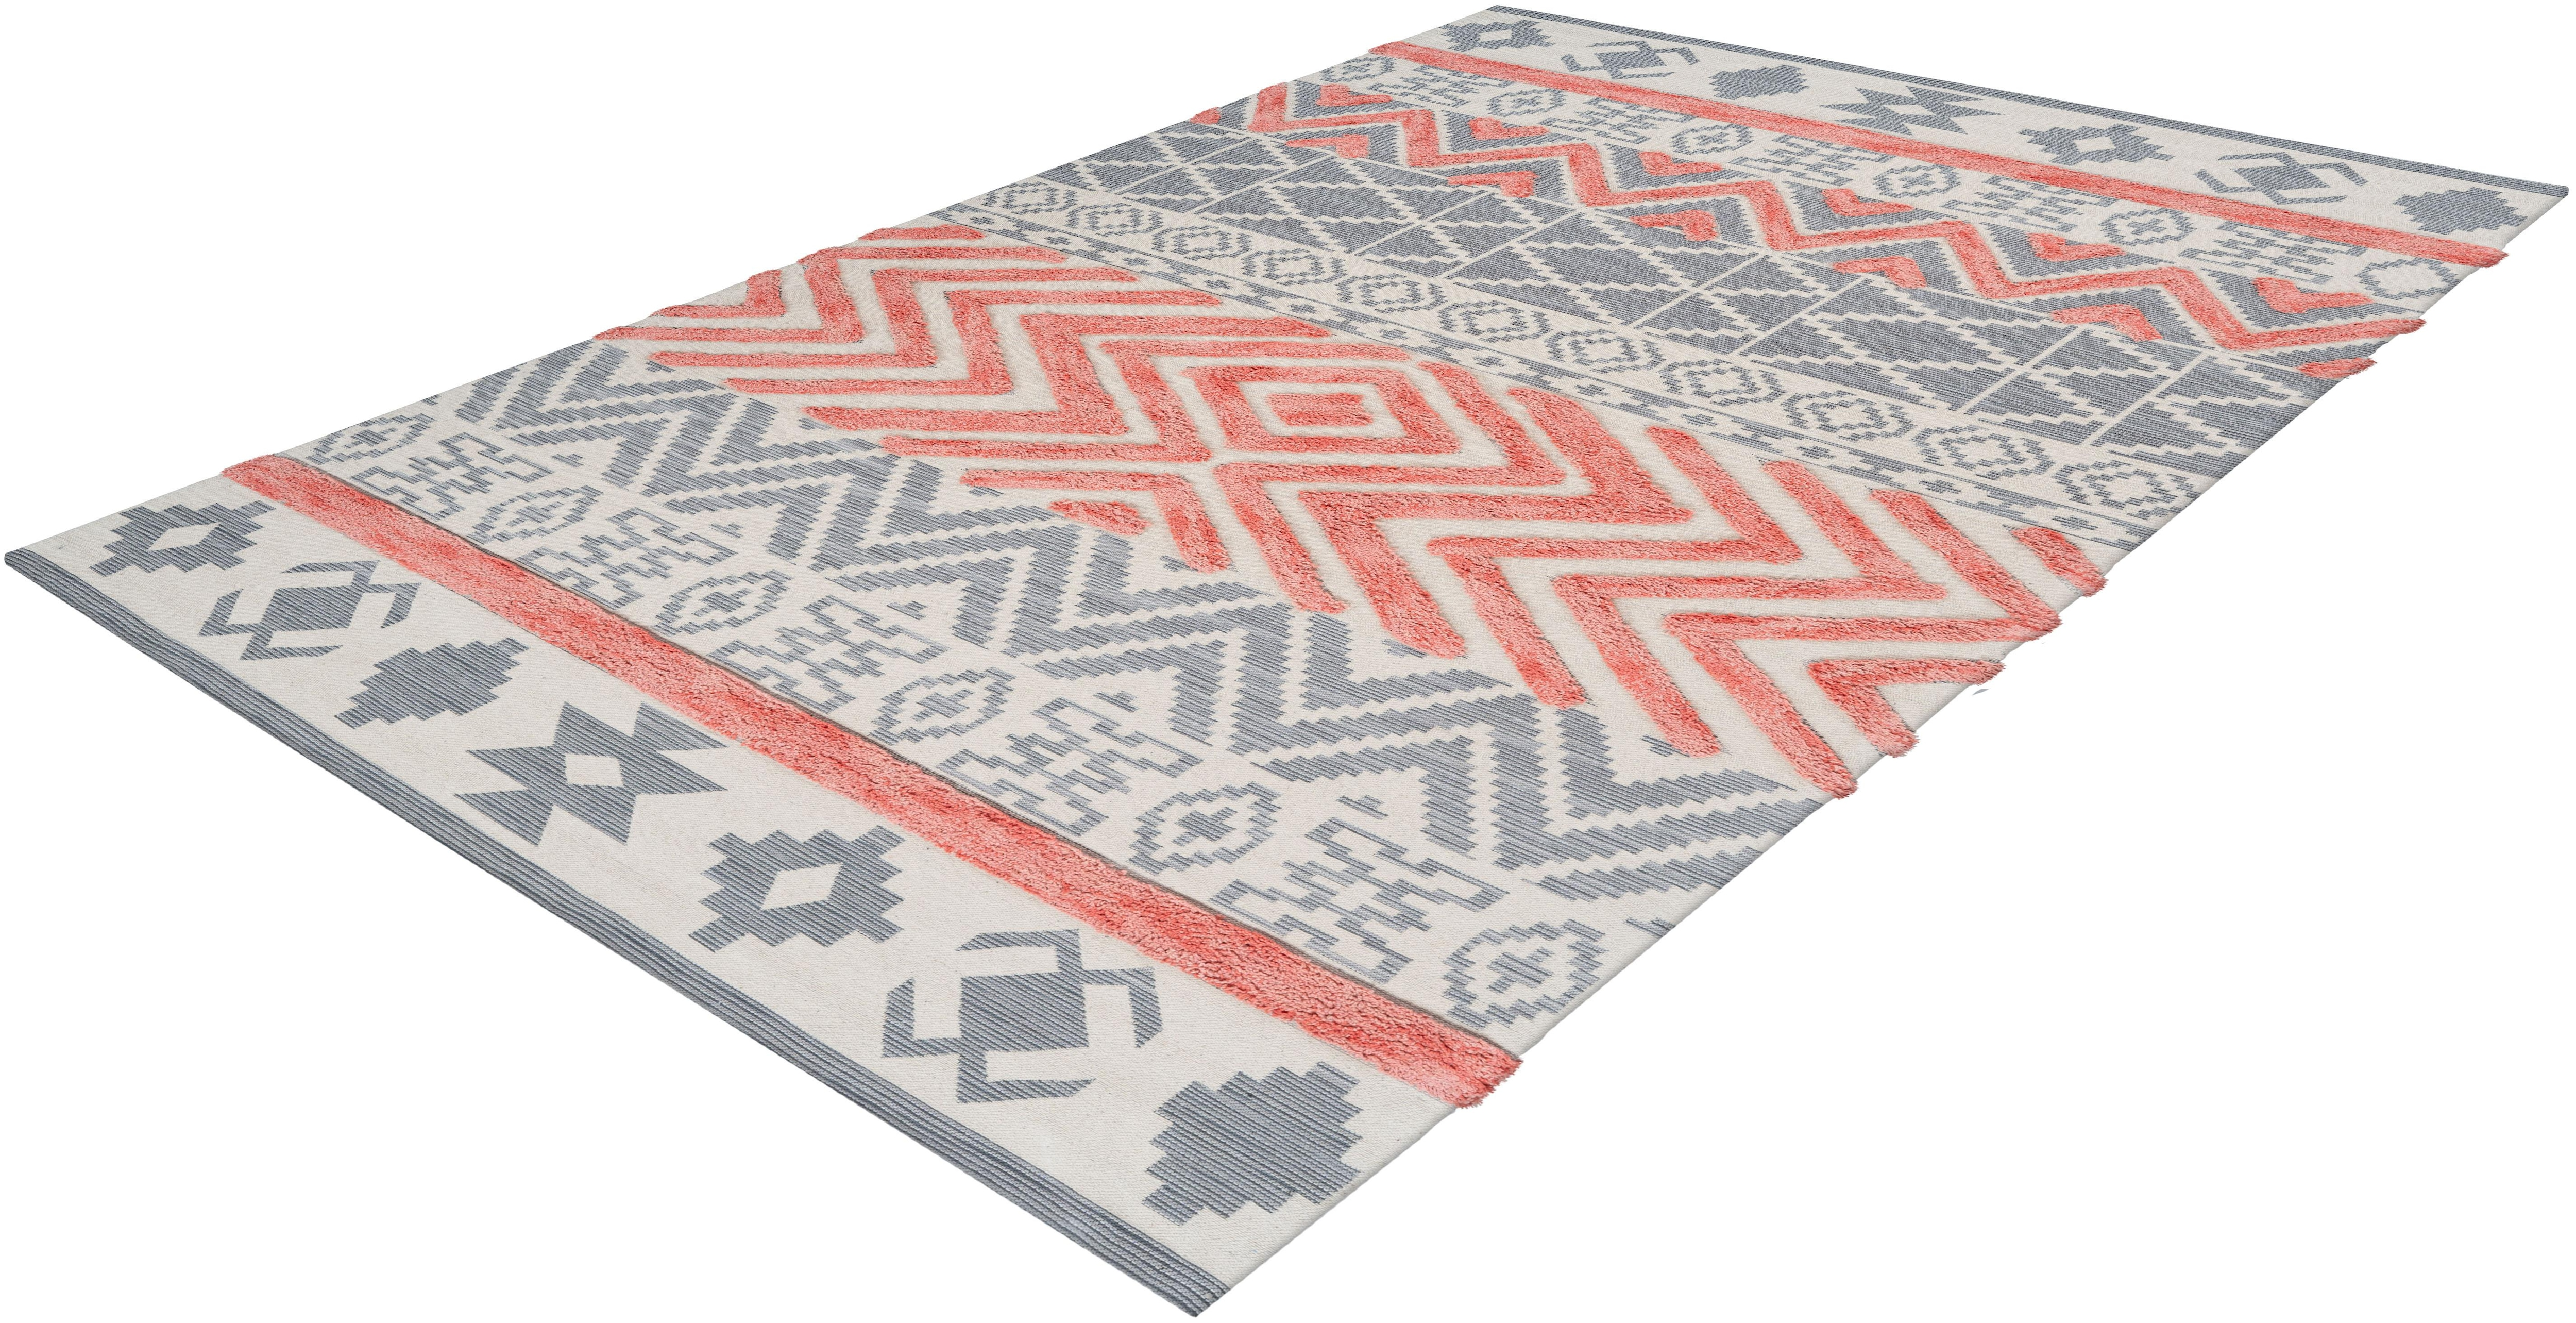 Teppich Ethnie 100 Arte Espina rechteckig Höhe 10 mm maschinell gewebt